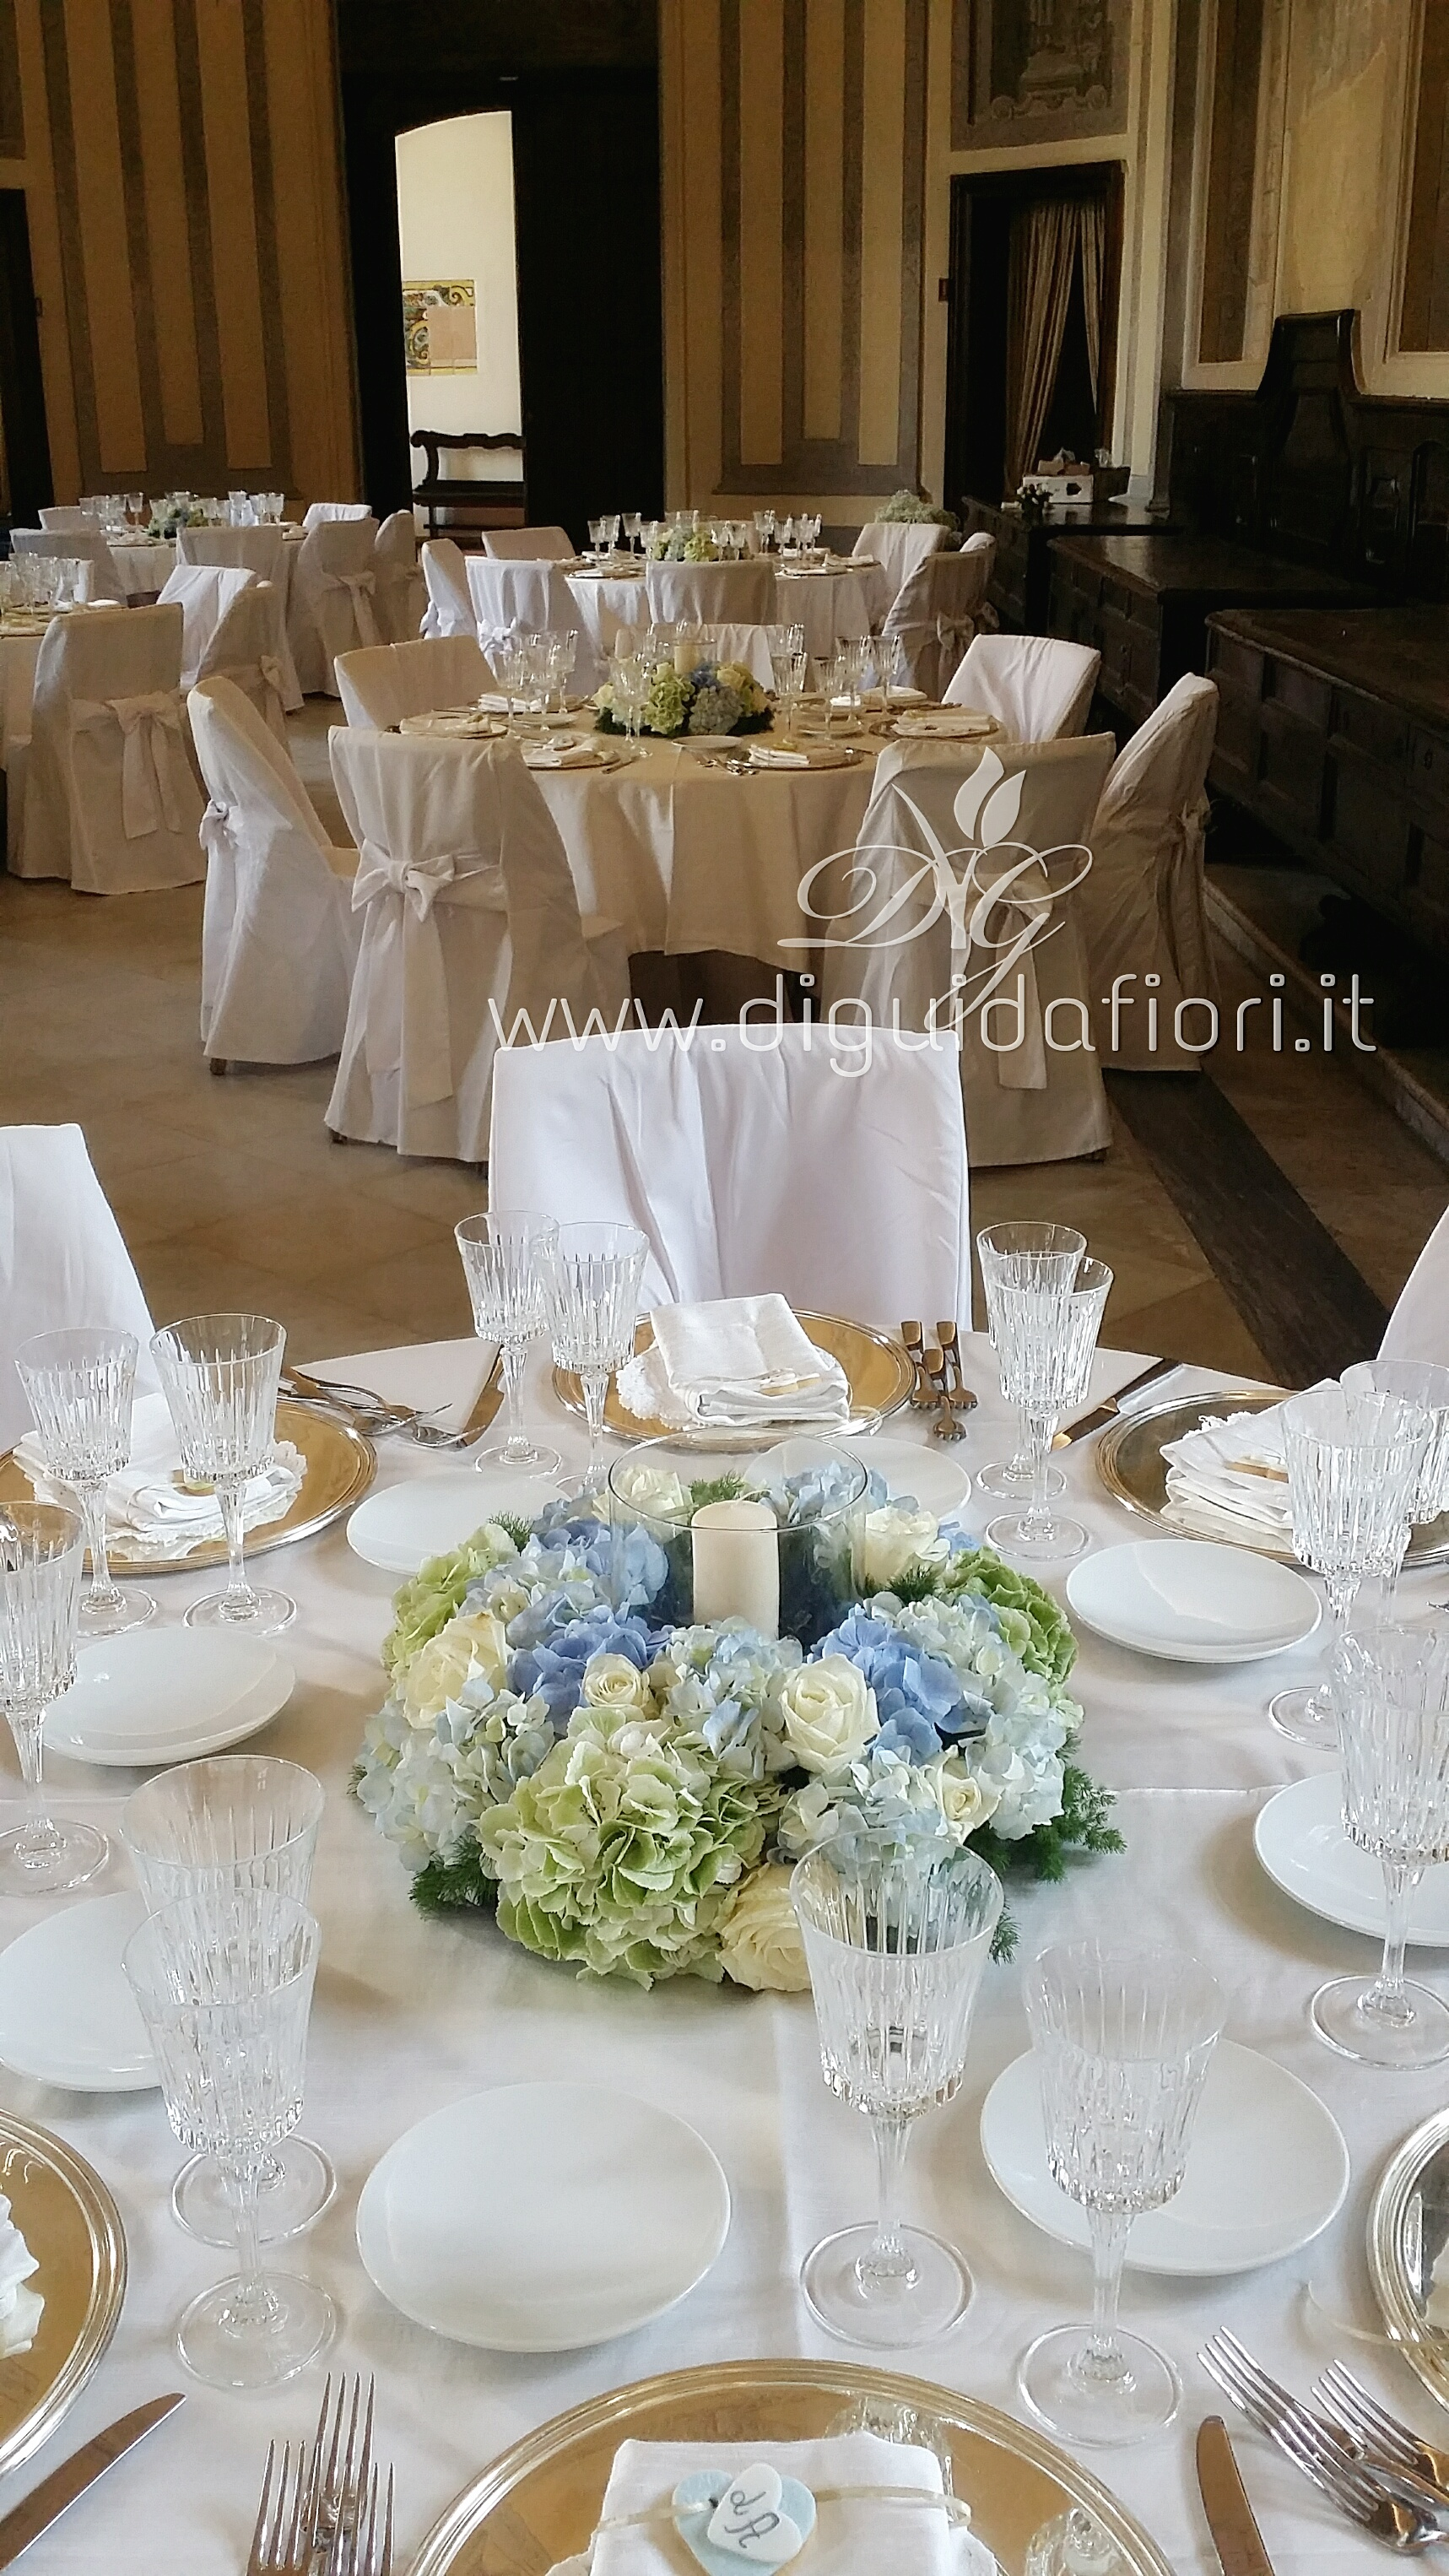 Popolare Centrotavola floreale per matrimonio - Chiostro di Santa Chiara  GR45